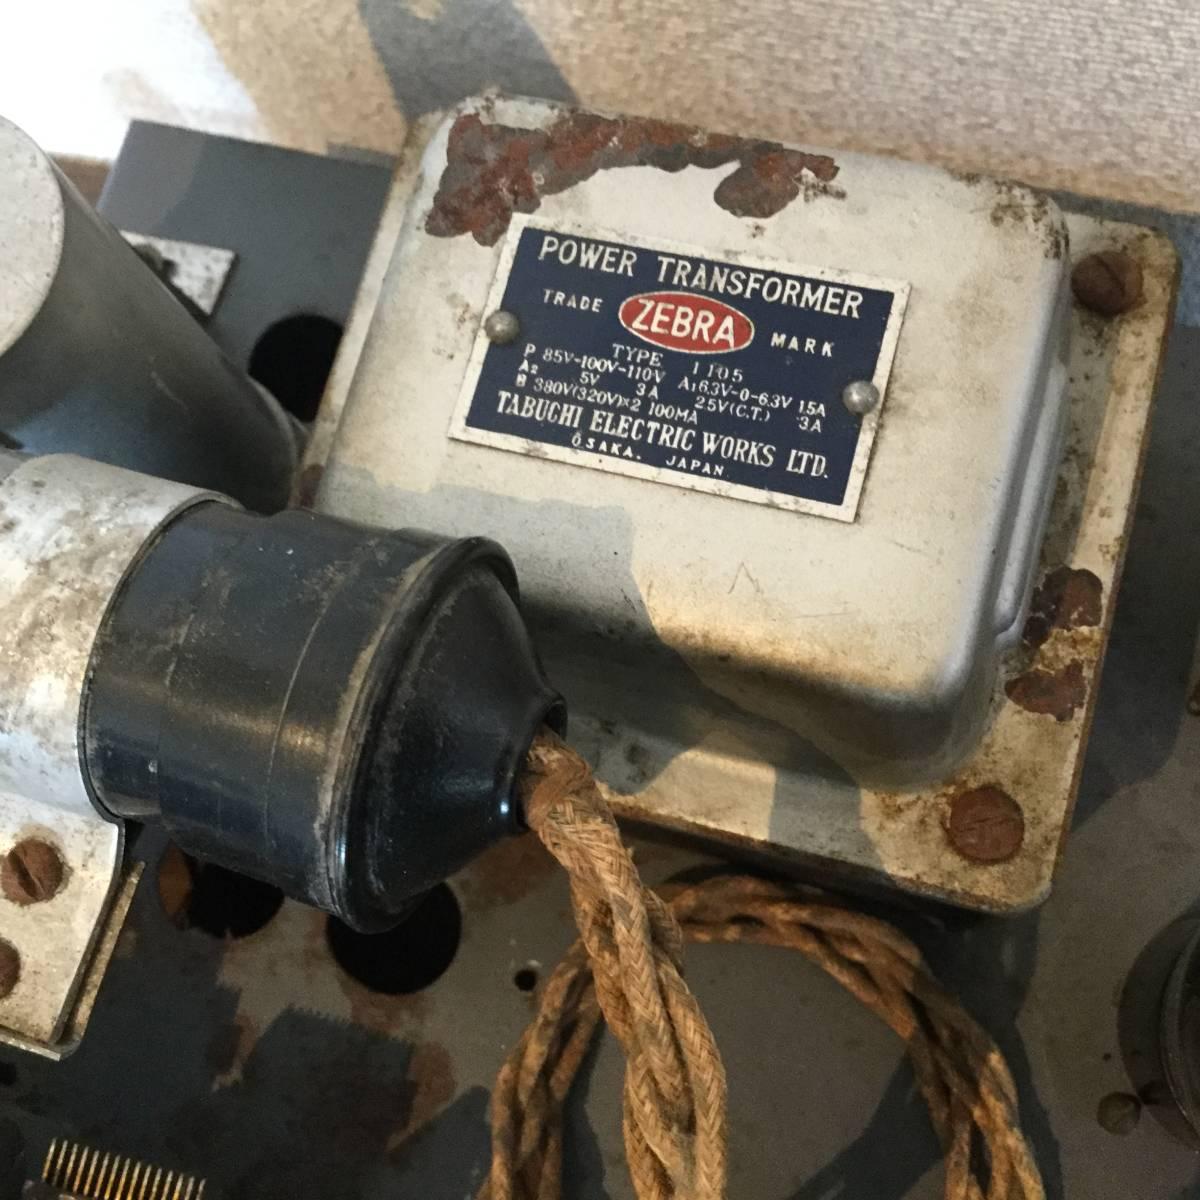 電源トランス(ゼブラ100mA)